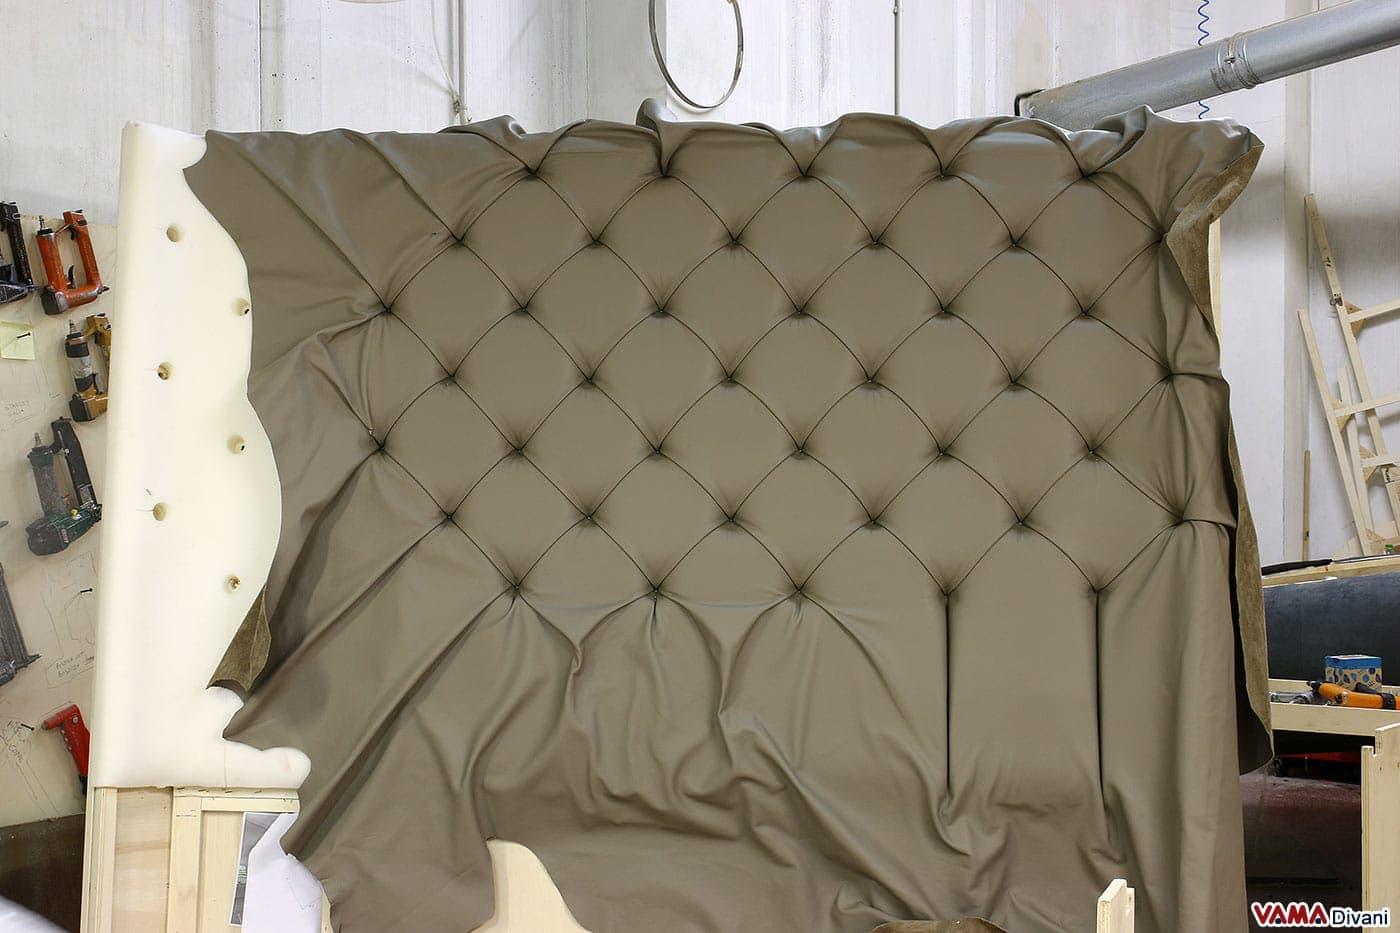 Letto con testiera di grandi dimensioni in pelle - Come fare una testata del letto imbottita ...